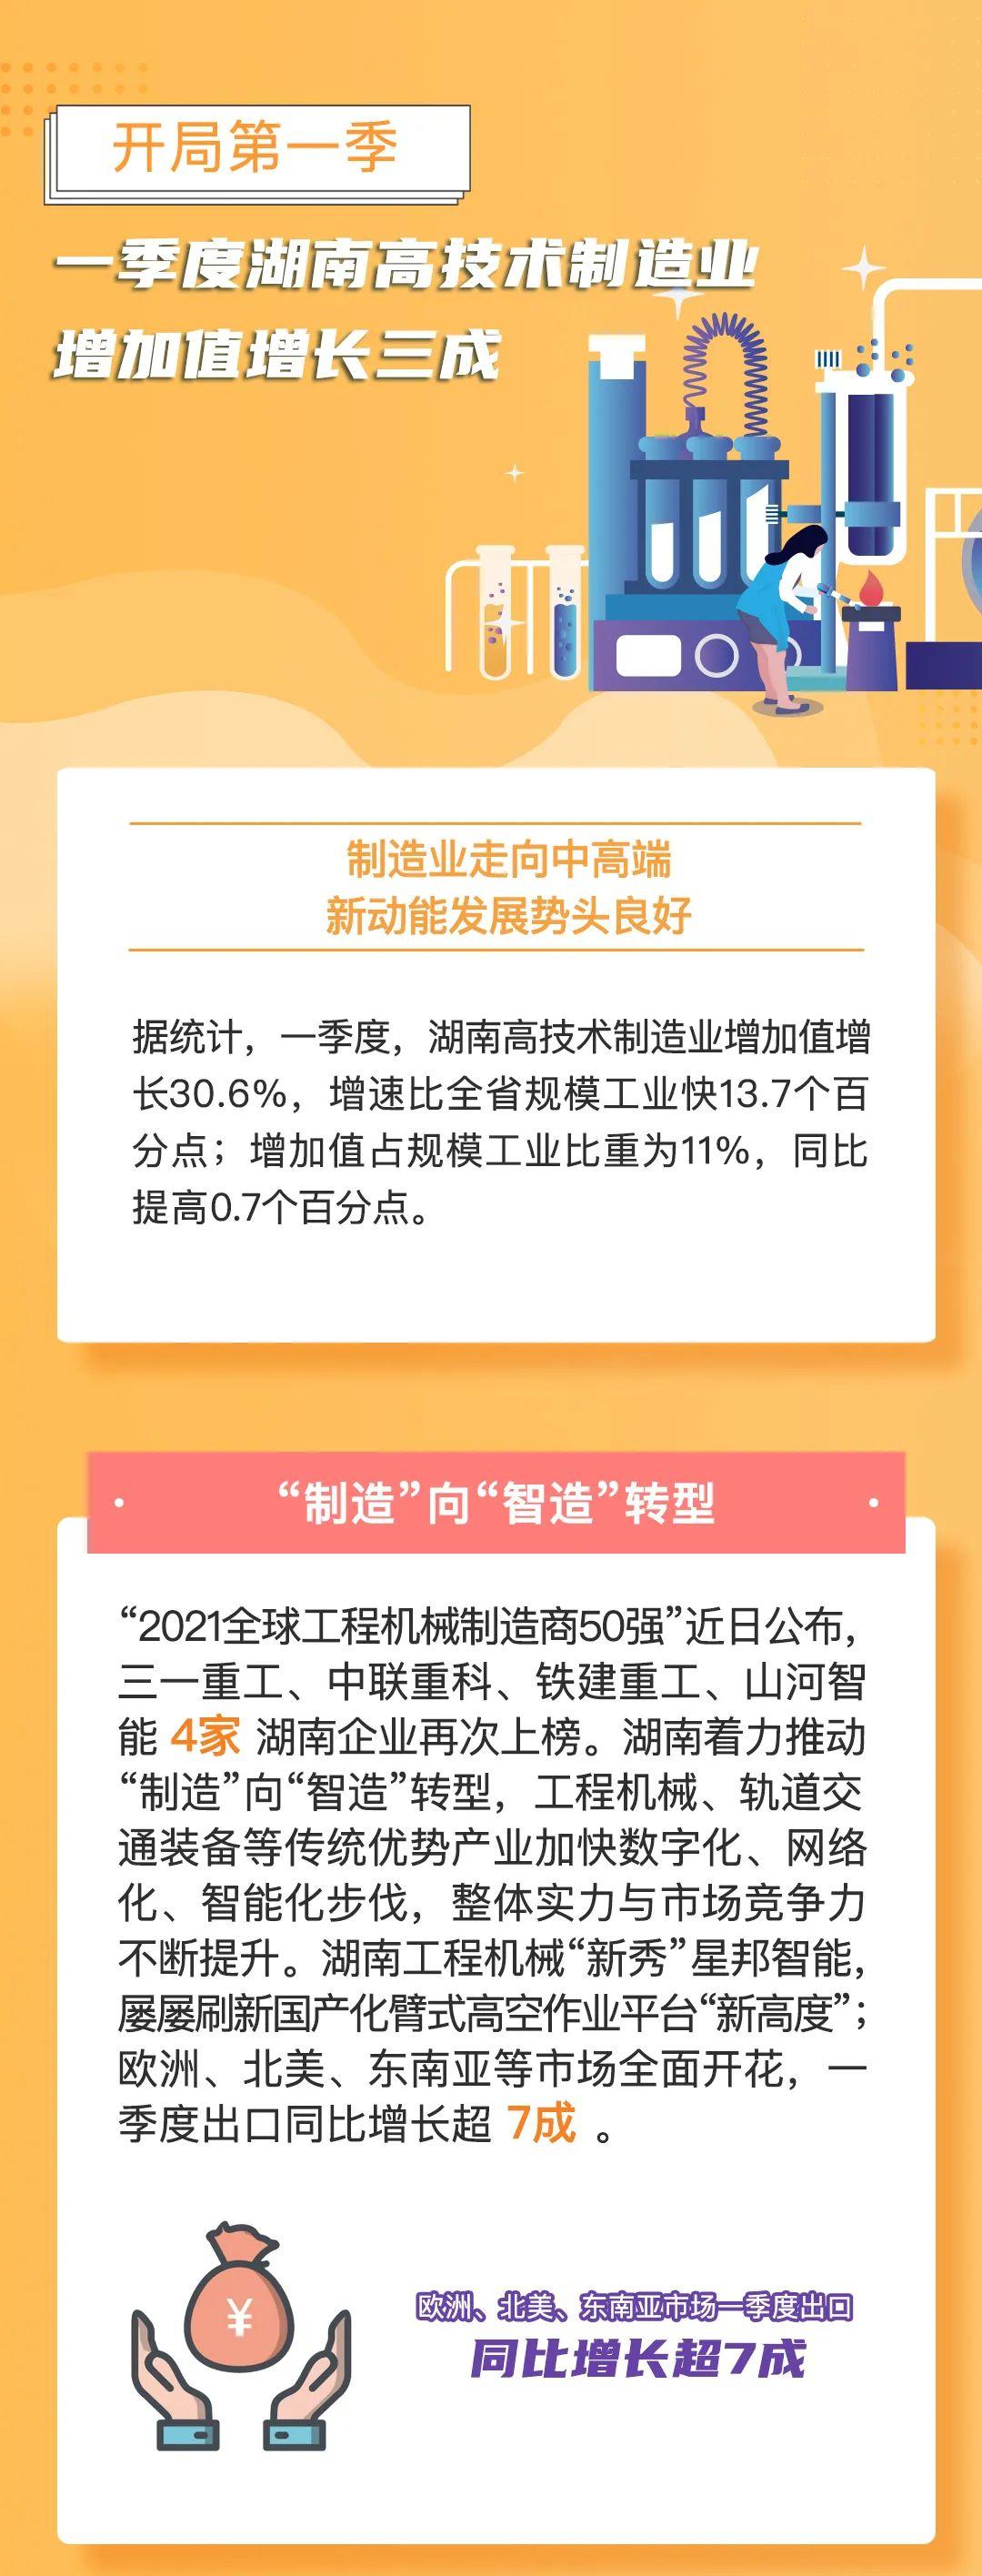 开局第一季 | 一季度湖南高技术制造业增加值增长三成图片